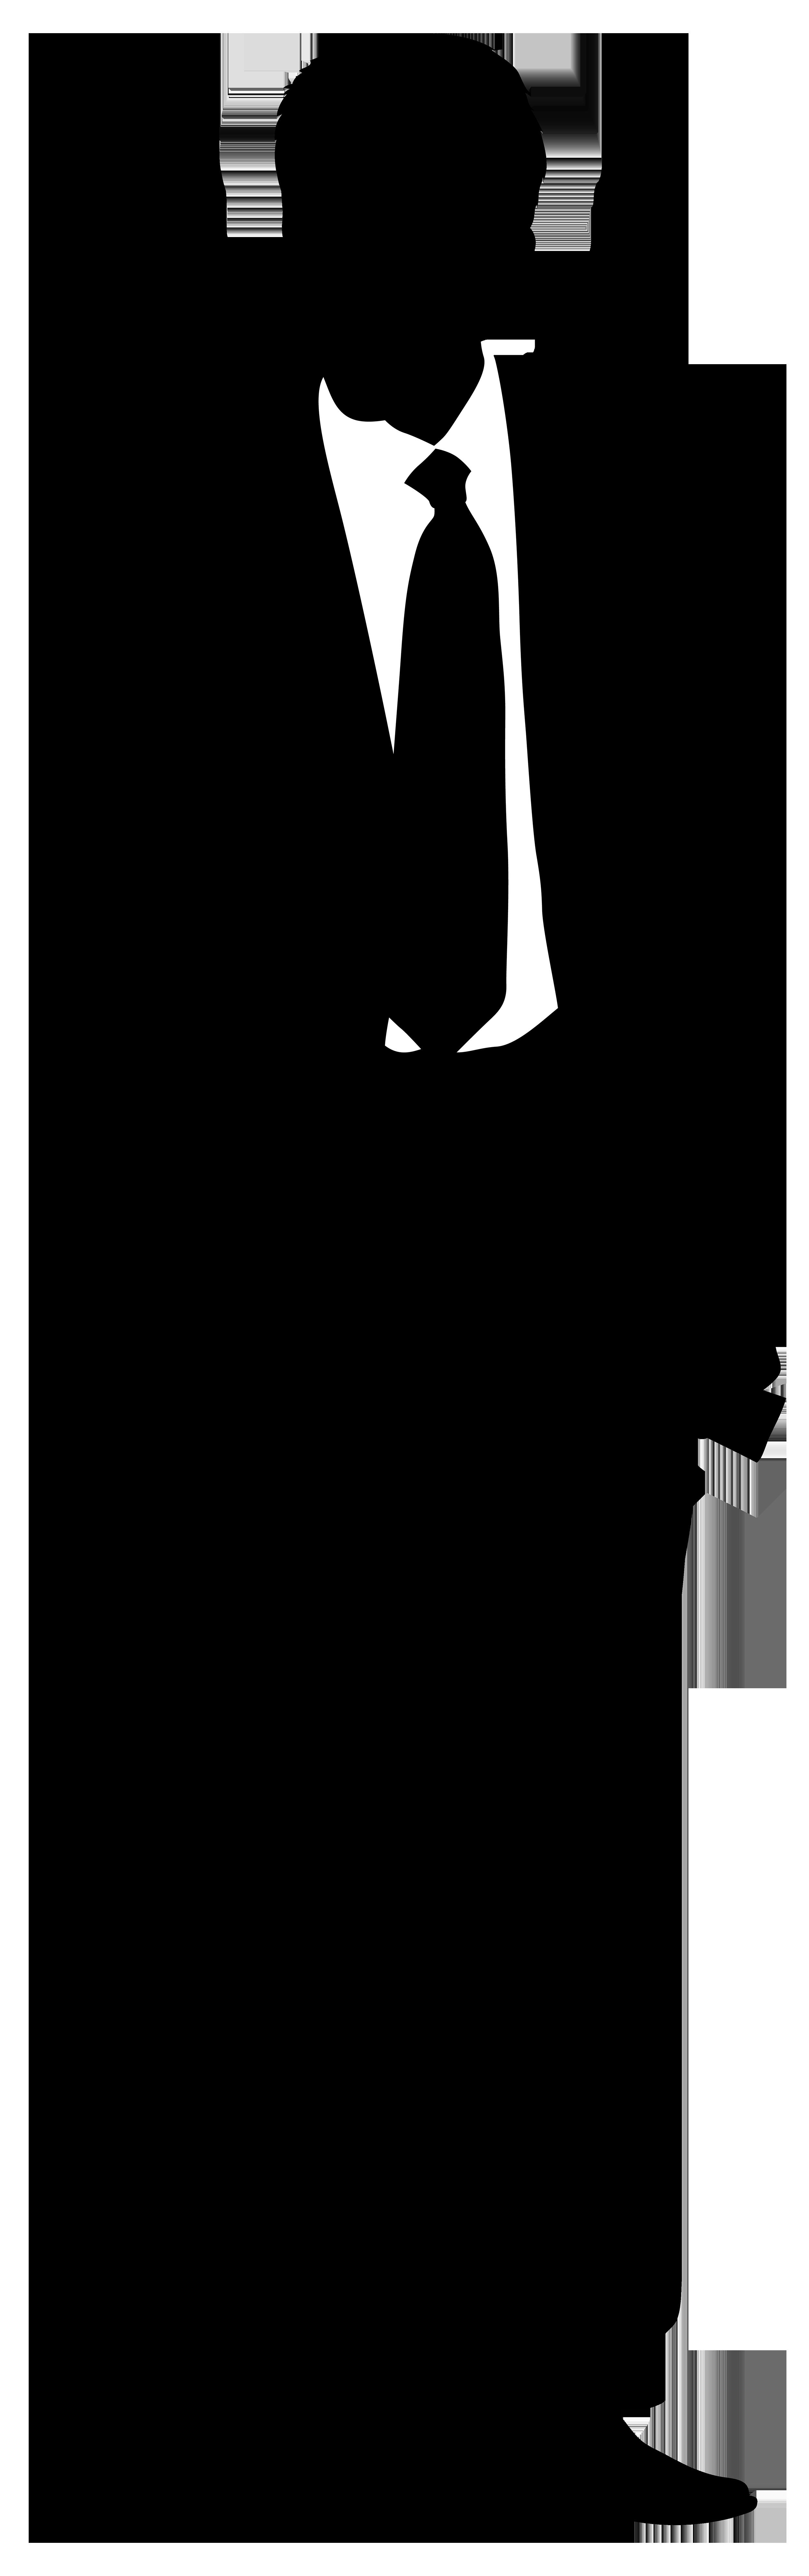 Idea clipart businessman. Silhouette png clip art